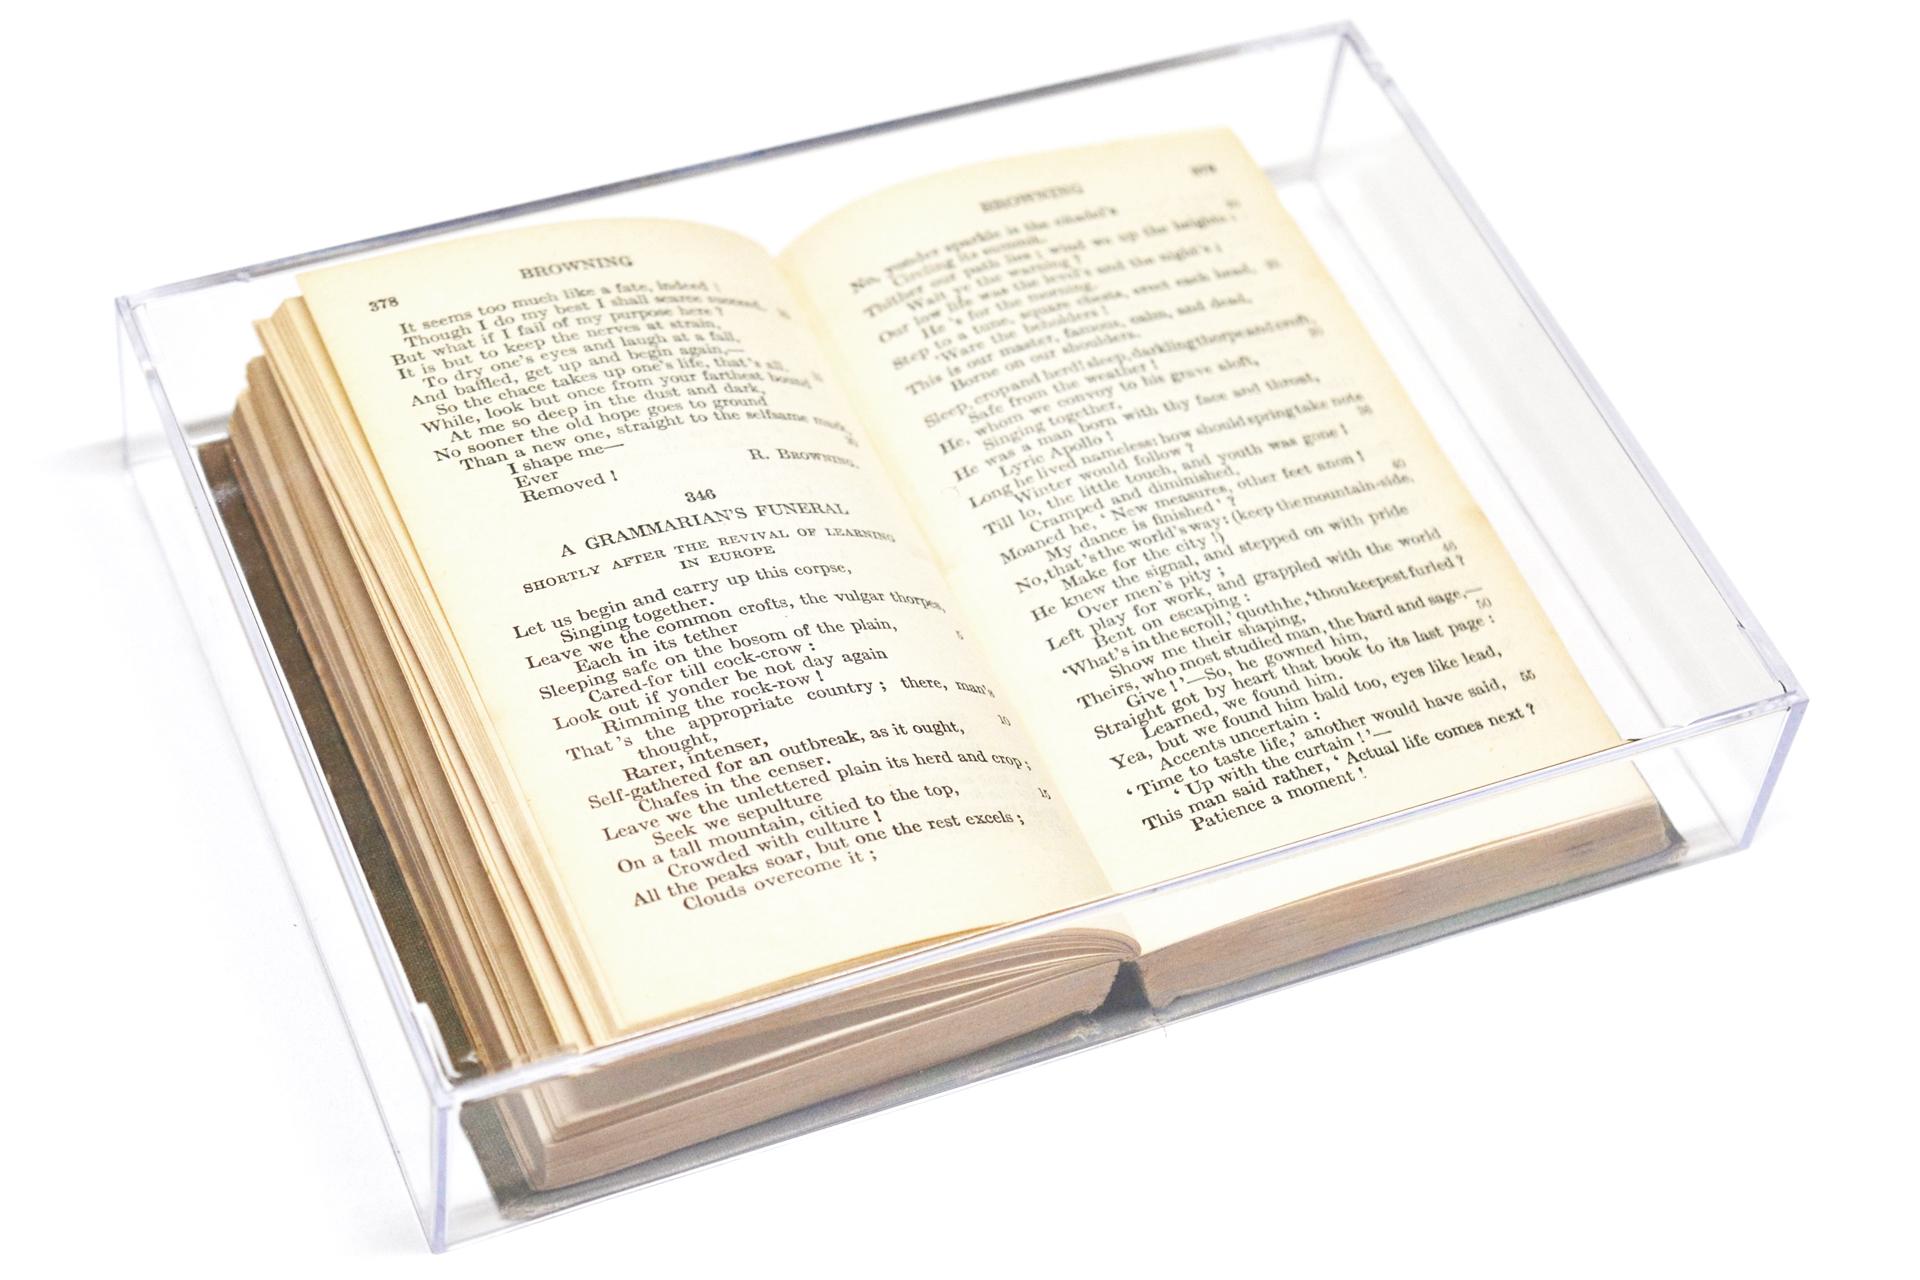 ページを開いた本にクリアケースをかぶせたディスプレイ